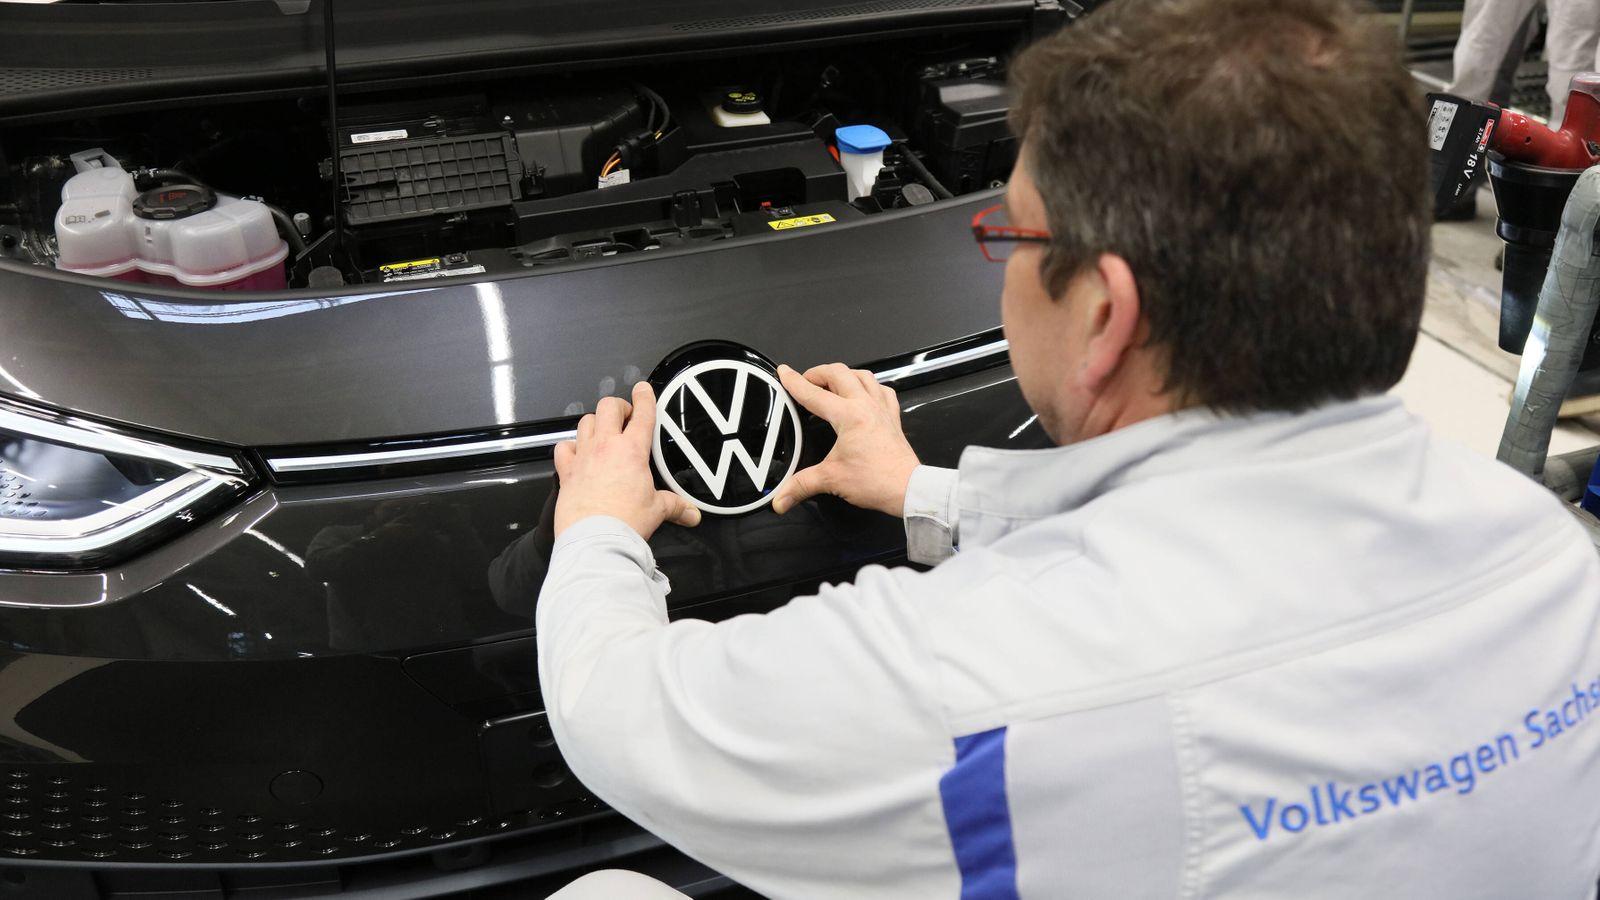 Zwickau Volkswagen Sachsen Produktion VW ID3 PKW Eletroauto Elektromobilitaet Umbau 25.02.2020 lz Volkswagen Sachsen We